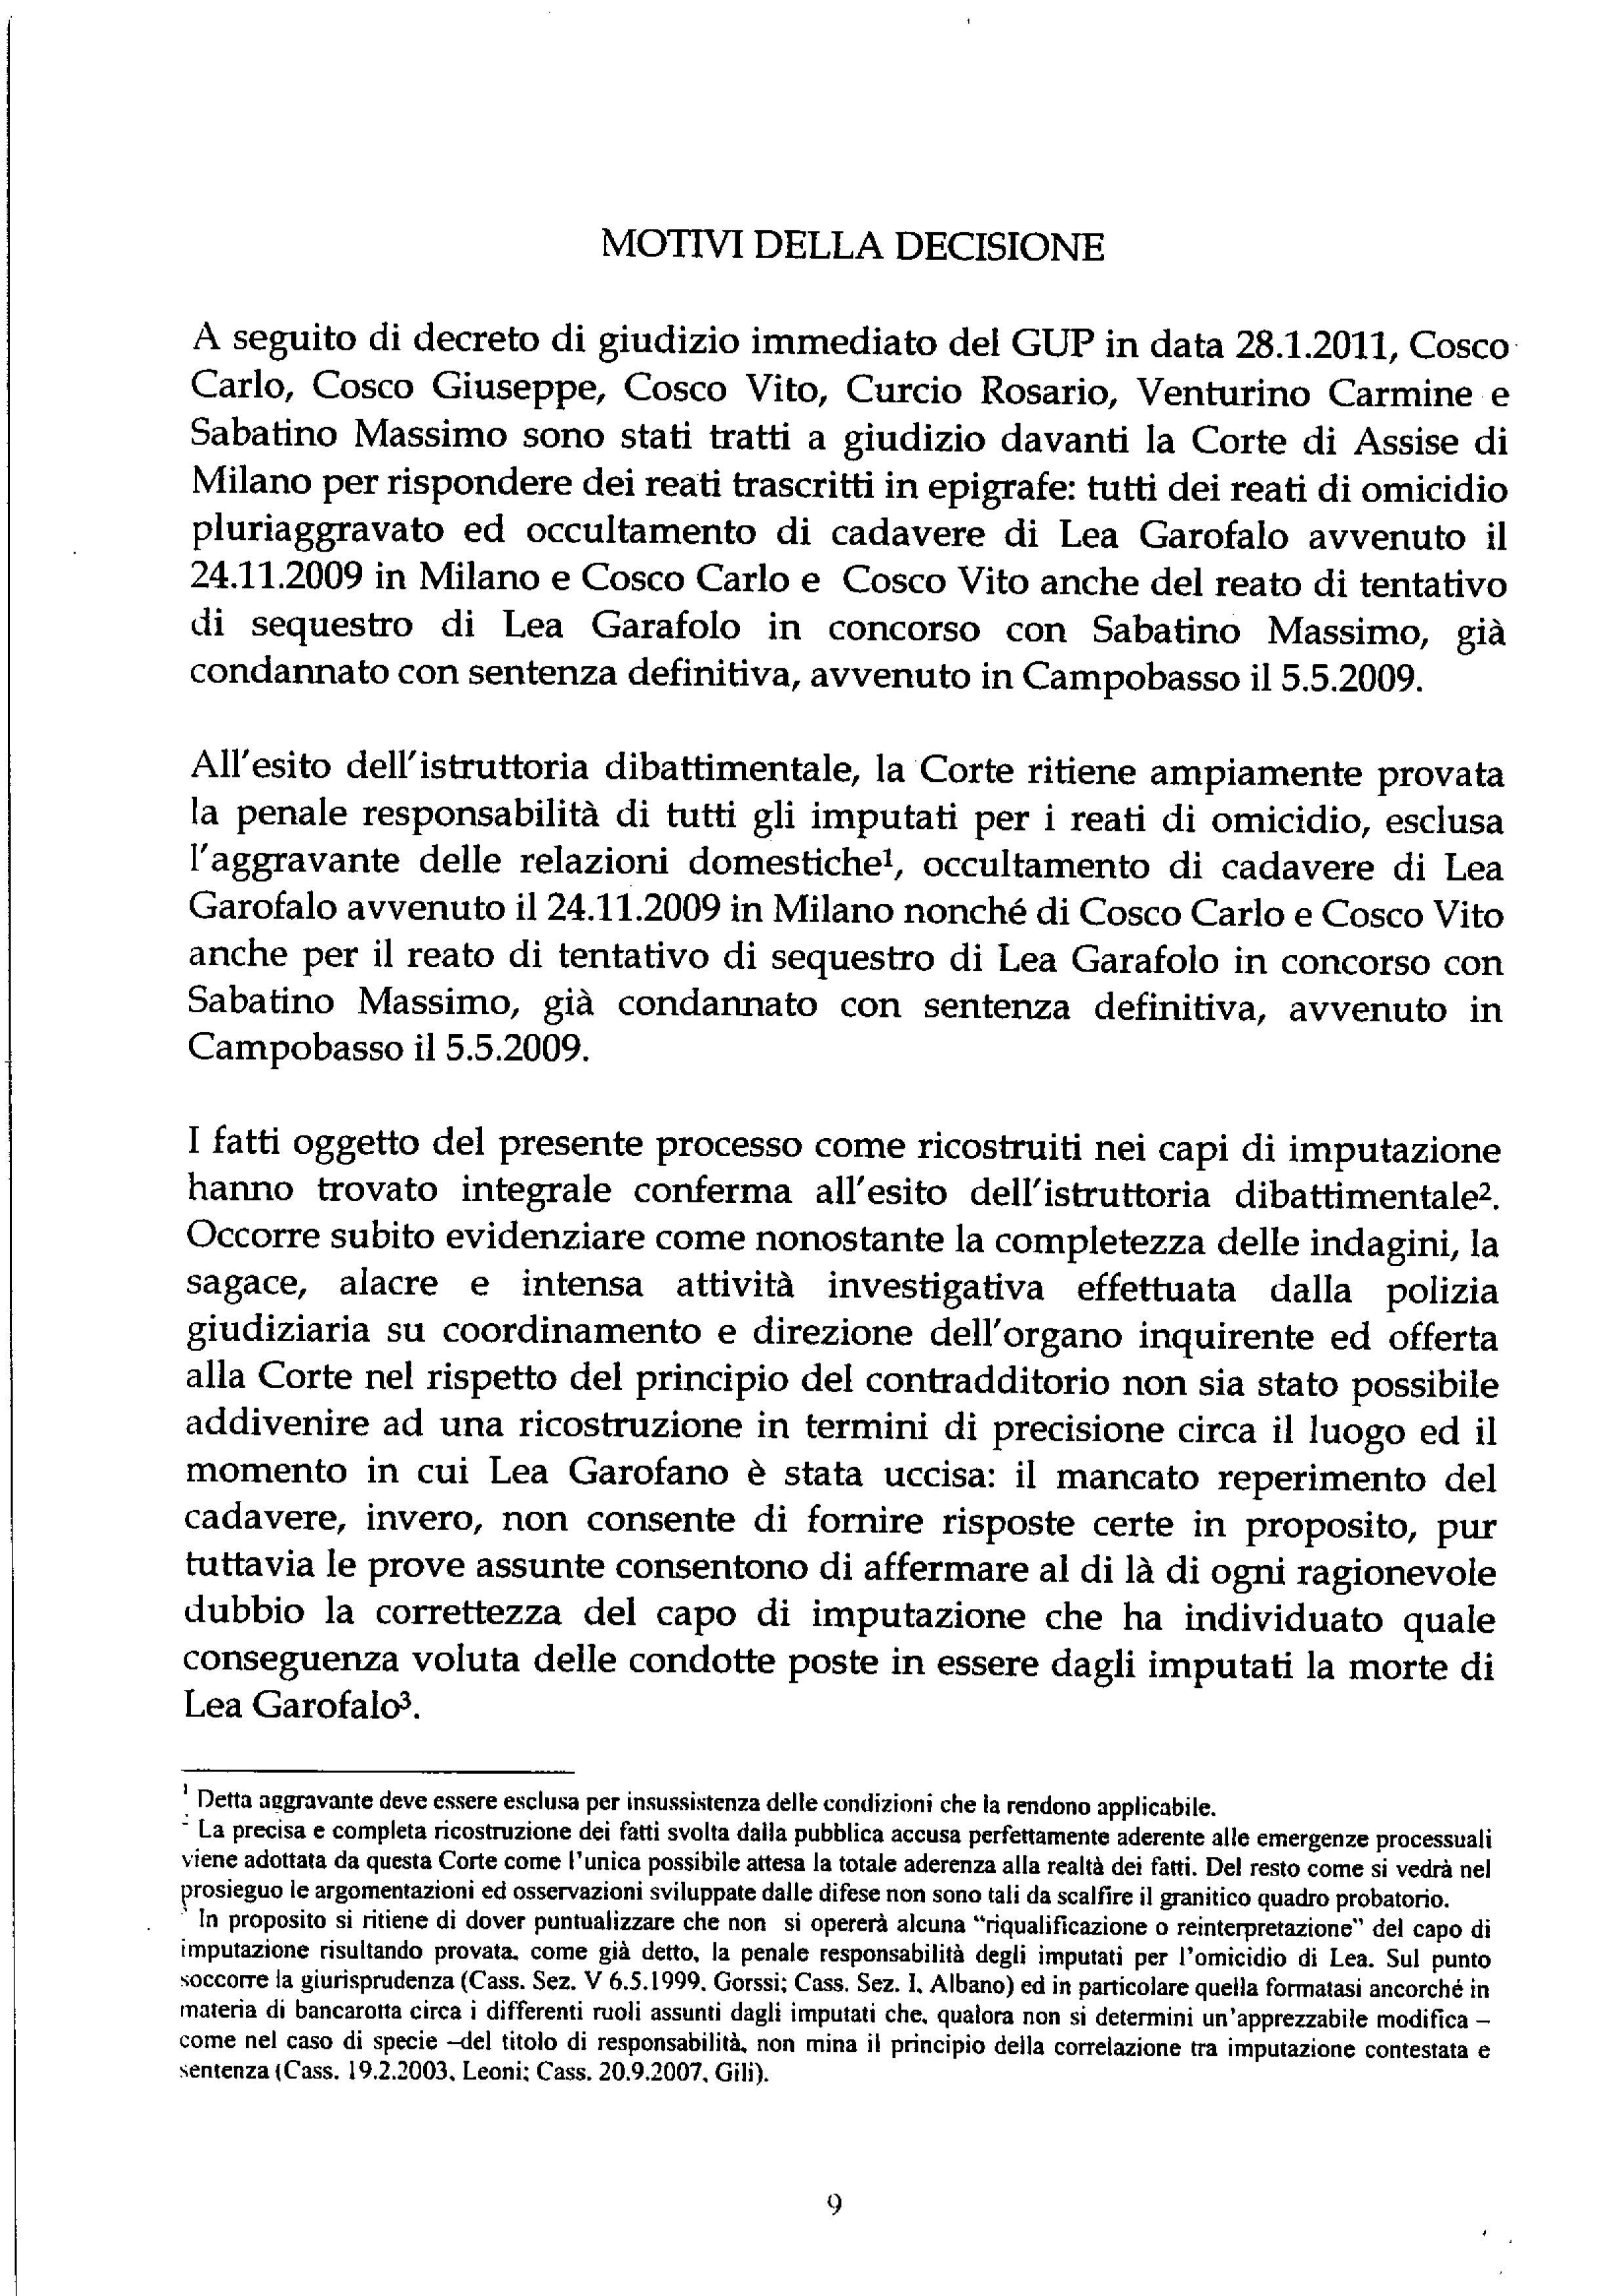 Motivazioni della sentenza del processo Lea Garofalo